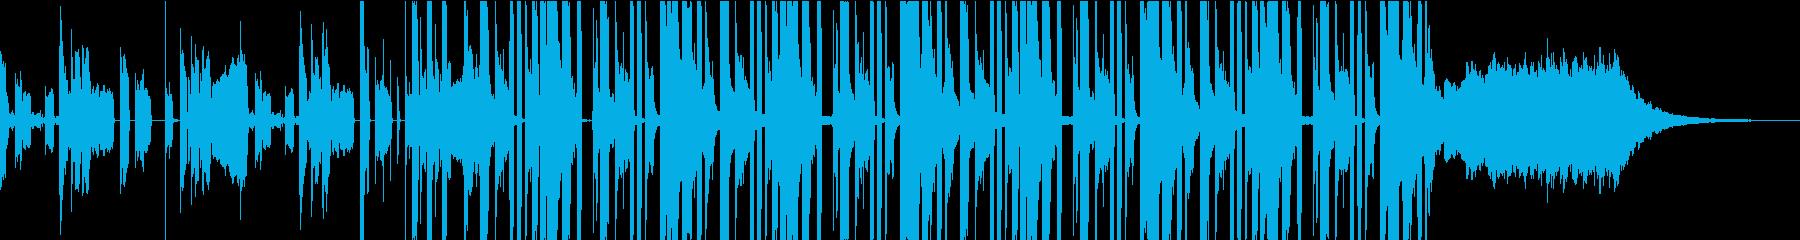 スタイリッシュで現代的、おしゃれなCMの再生済みの波形